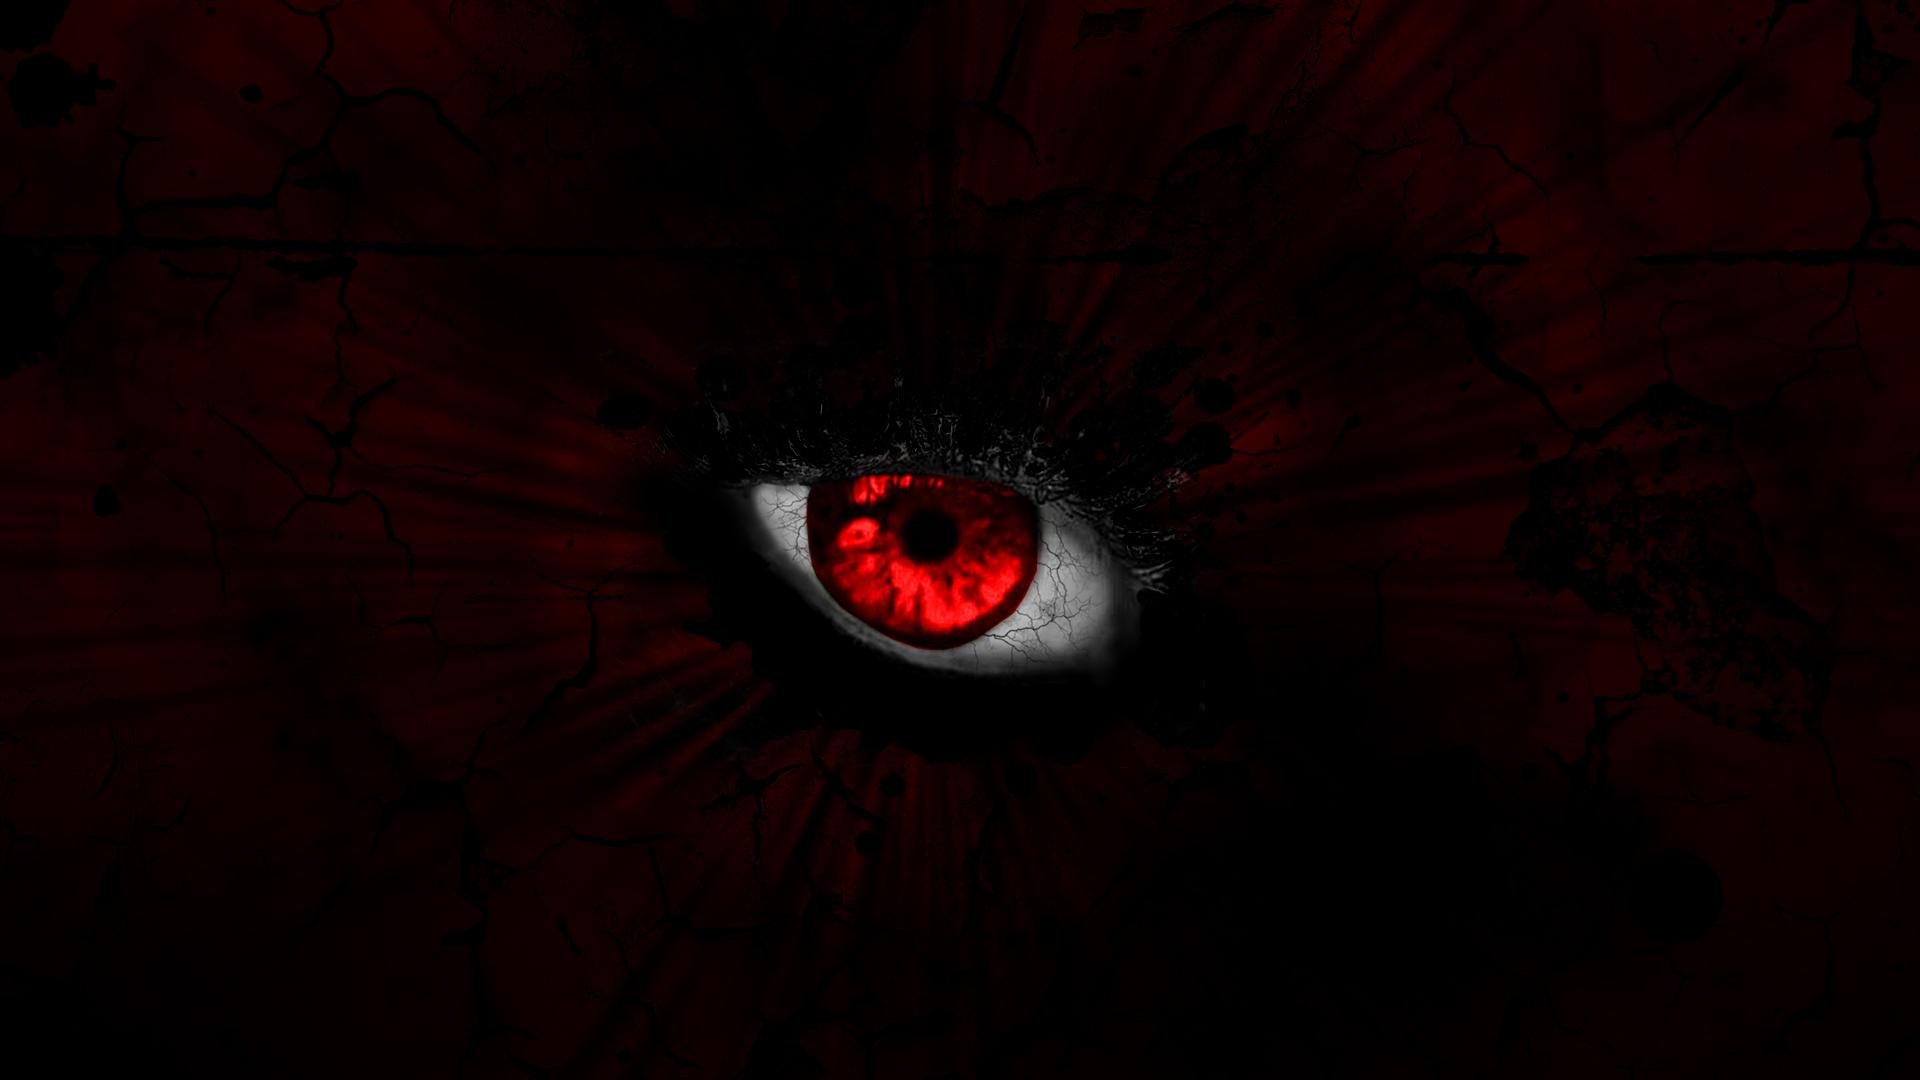 70+] Red Eye Wallpaper on WallpaperSafari